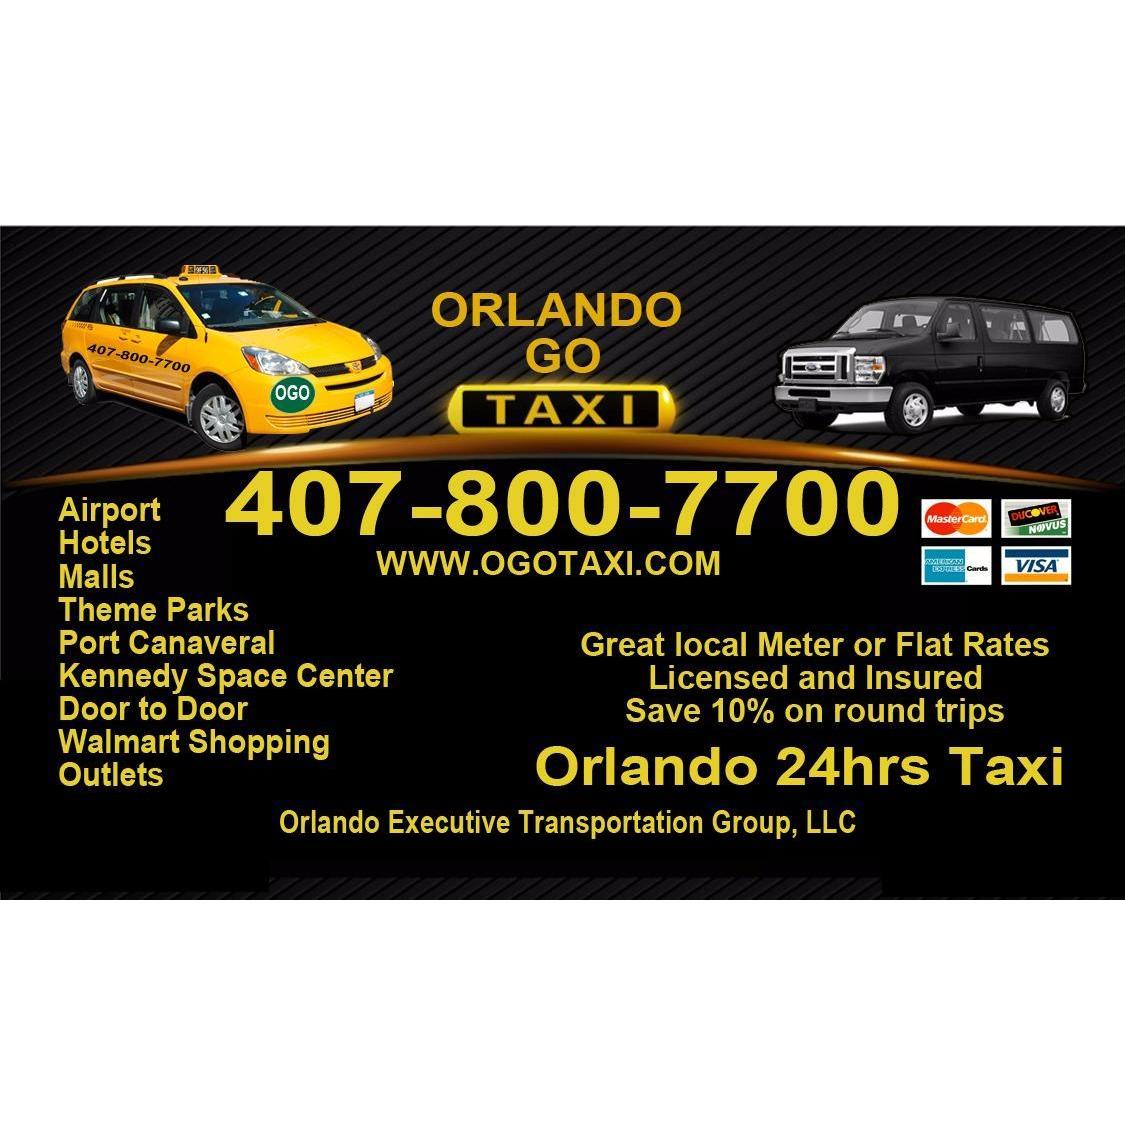 Orlando 24hrs Taxi In Orlando, FL